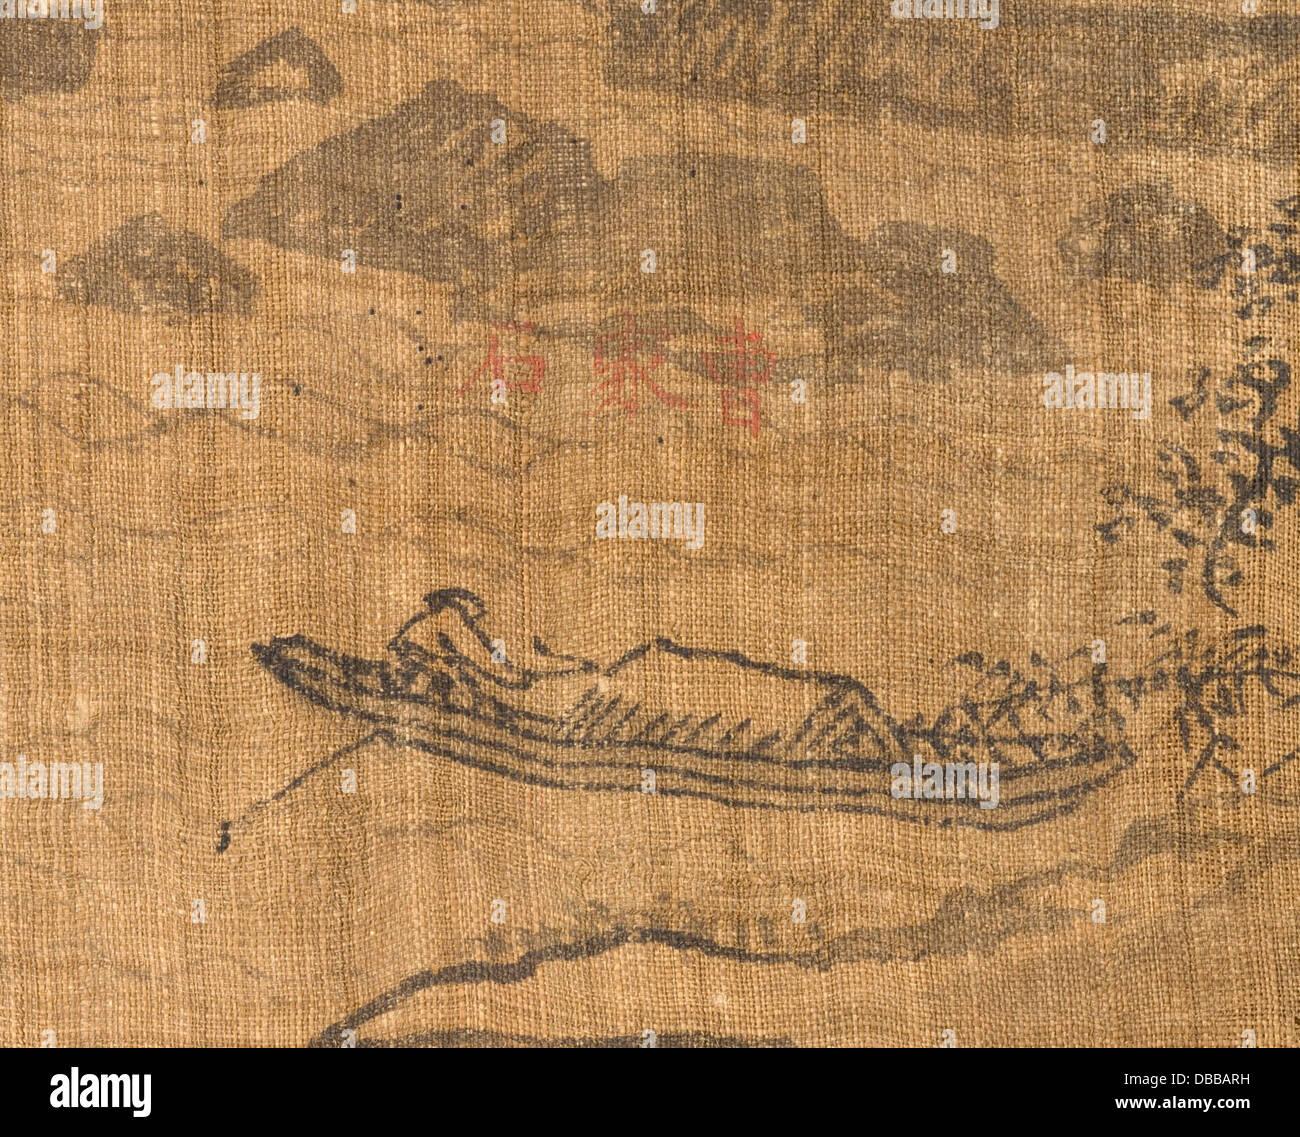 La sesta delle nove pieghe a monte Wuyi, Cina M.2000.15.20 (2 di 5) Foto Stock